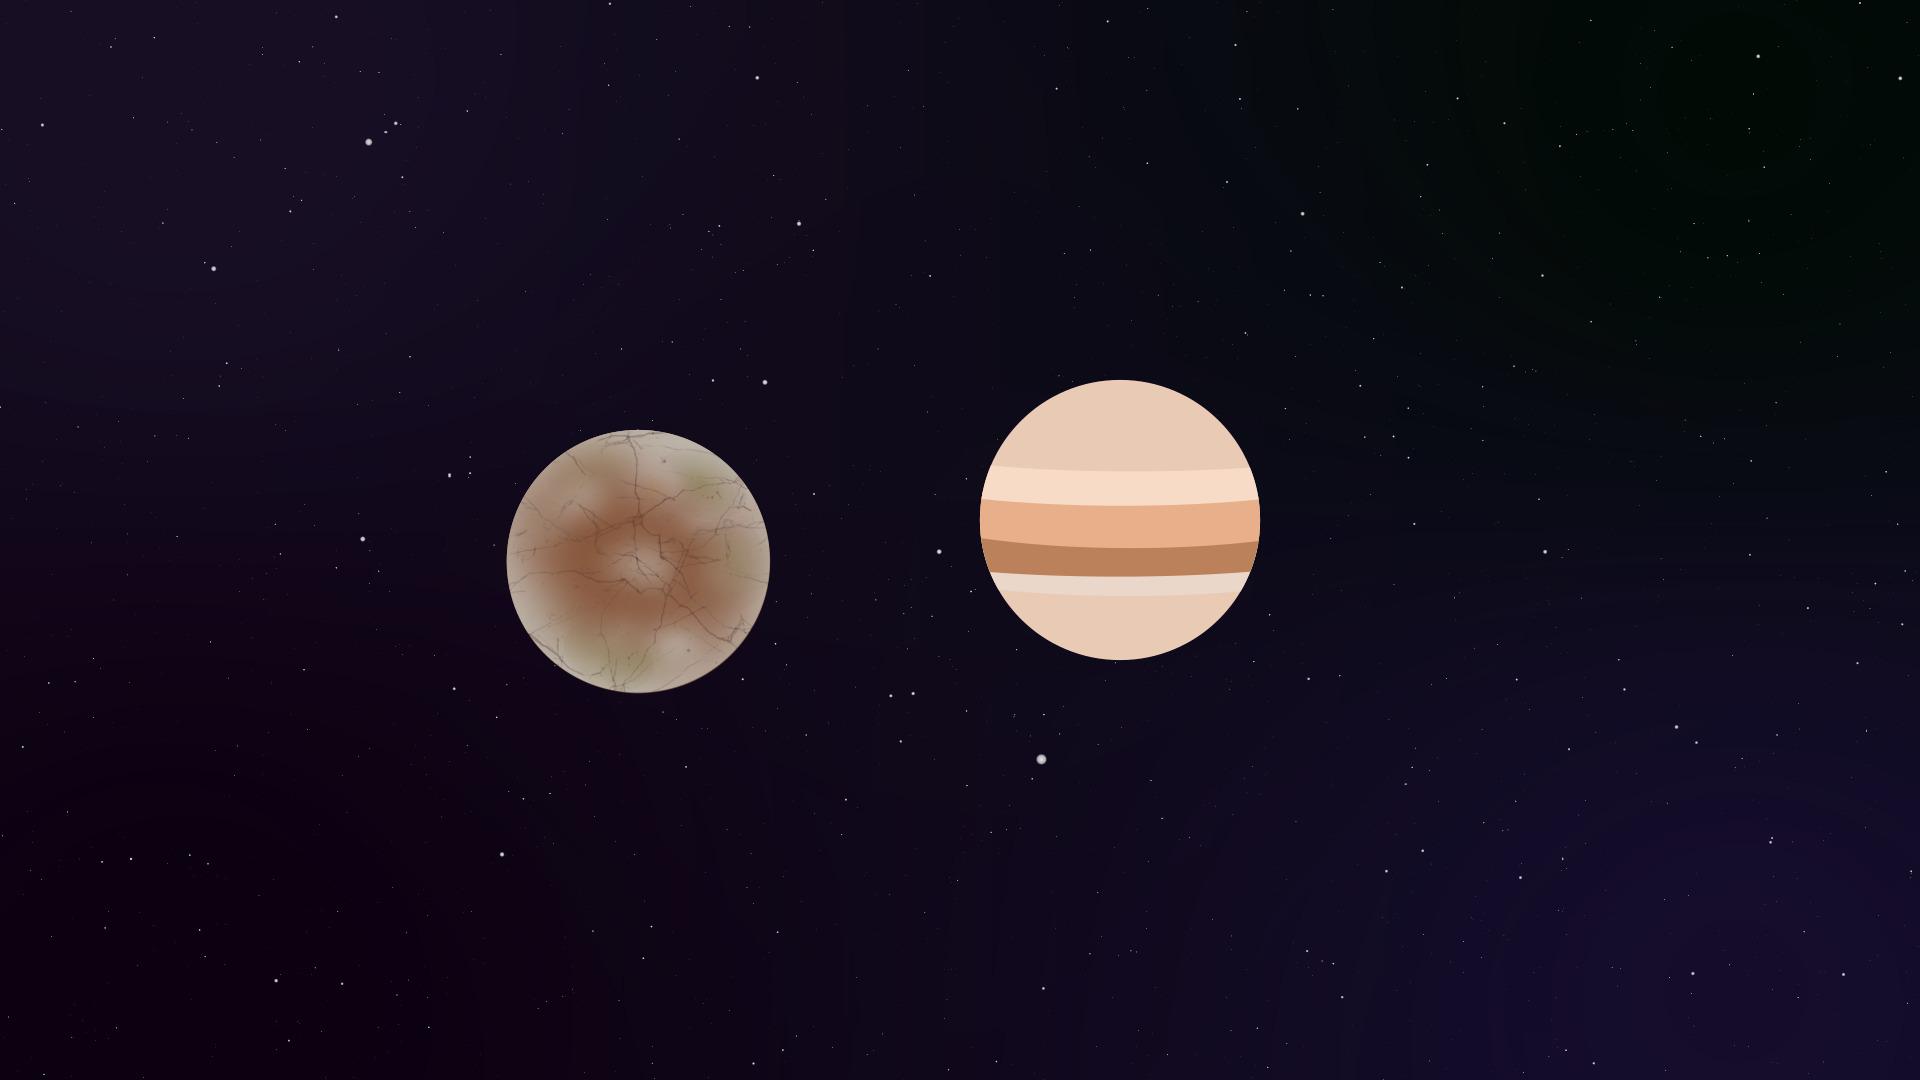 Qu'est-ce que le « jardinage d'impact » qui a lieu sur Europe, la lune de Jupiter ?